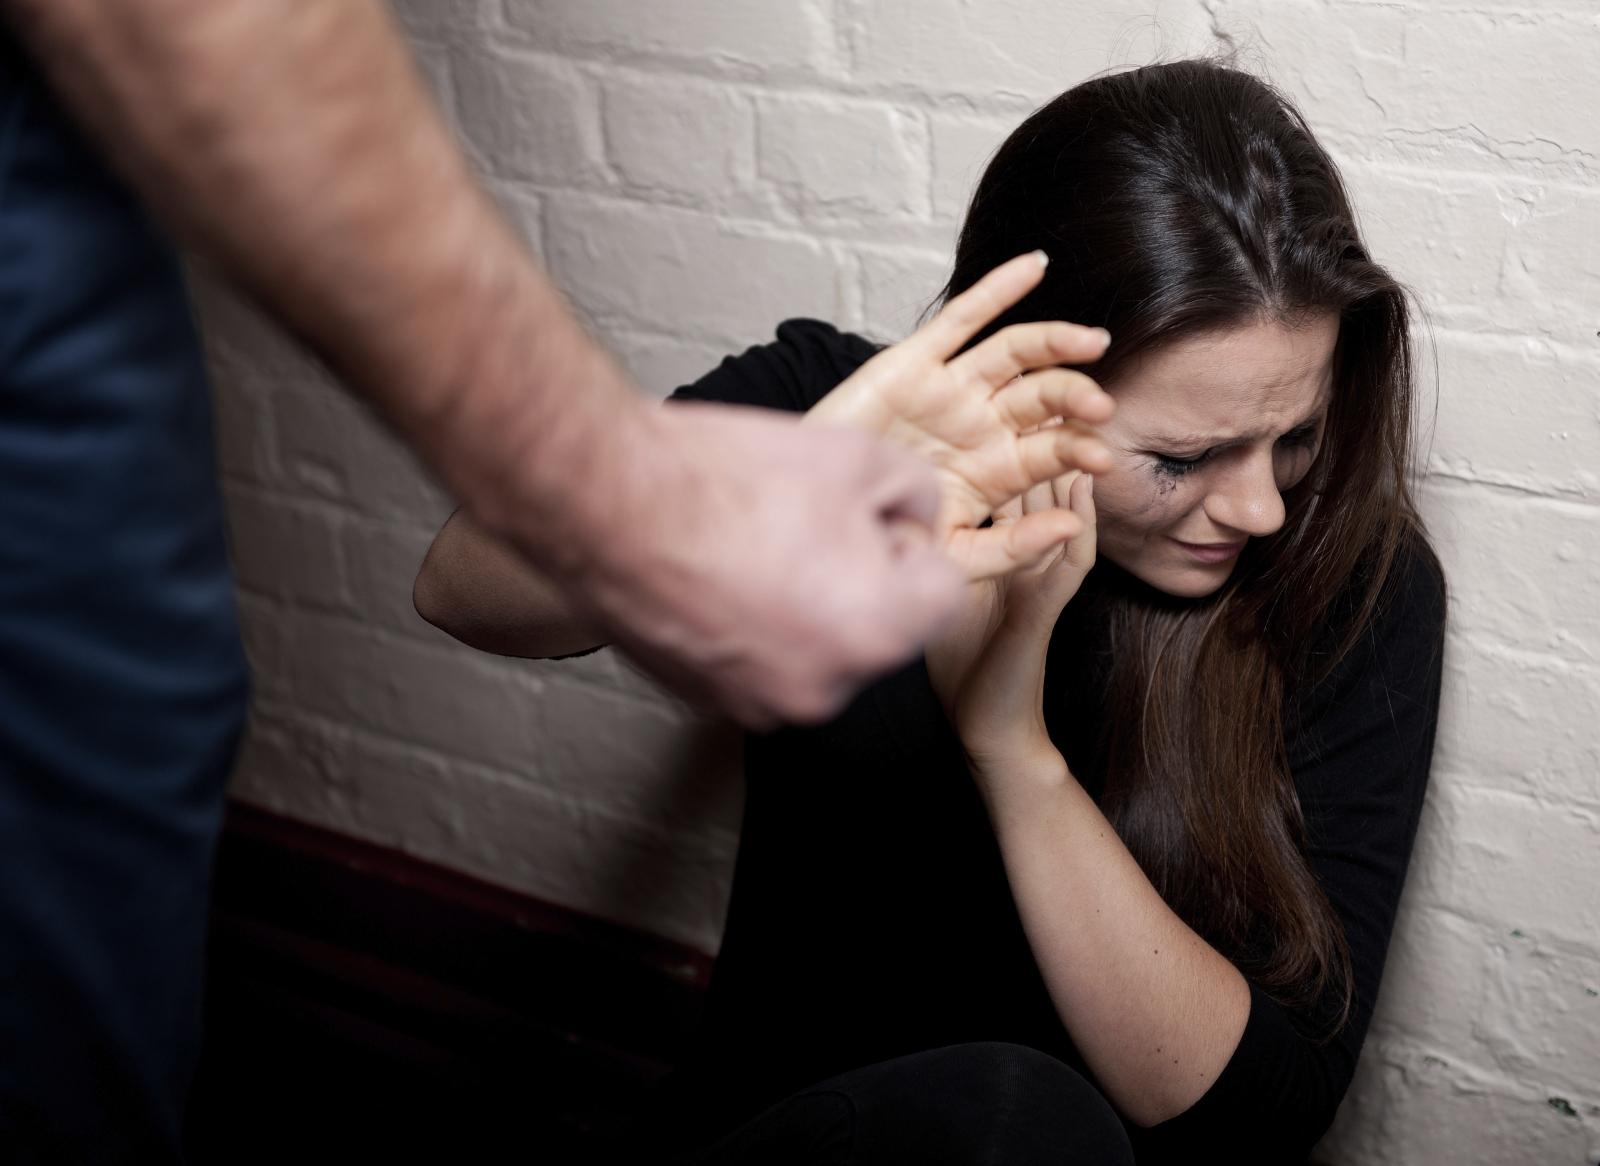 چگونه از یک رابطه زناشویی خشونت آمیز بیرون بیایم ؟